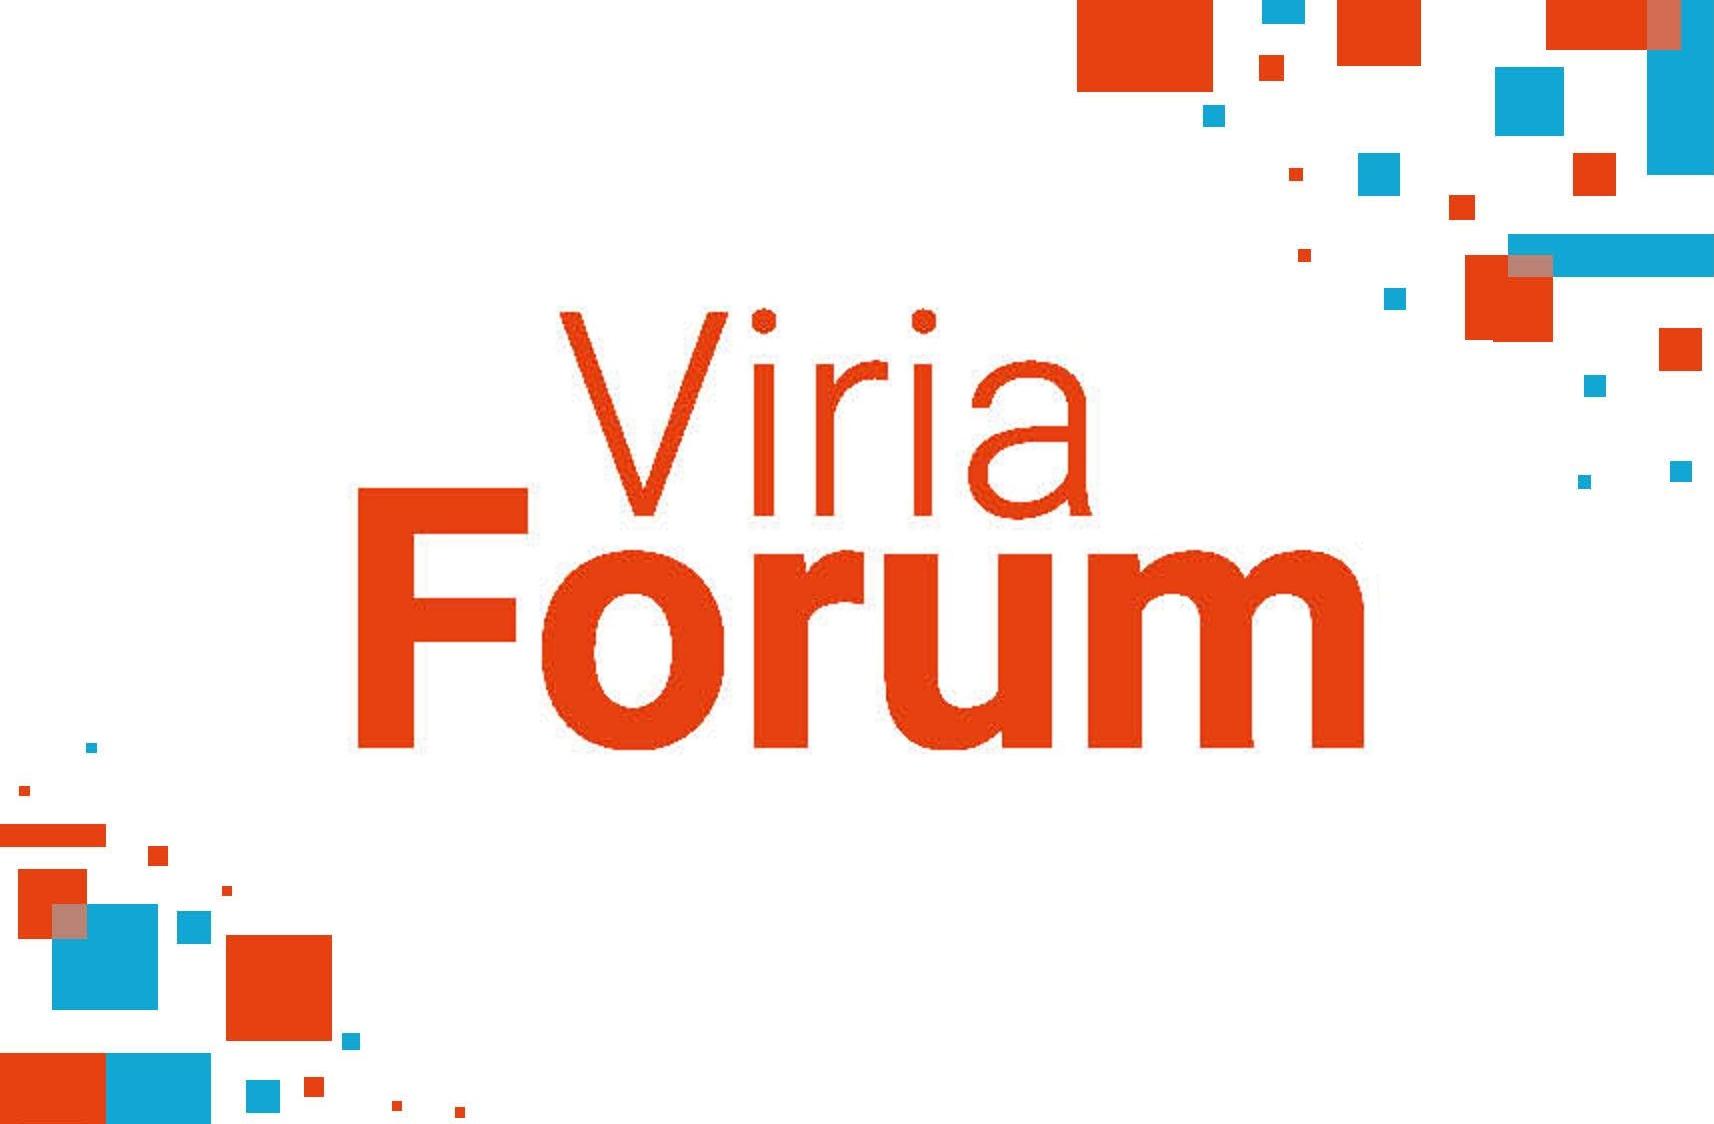 Viria Forum